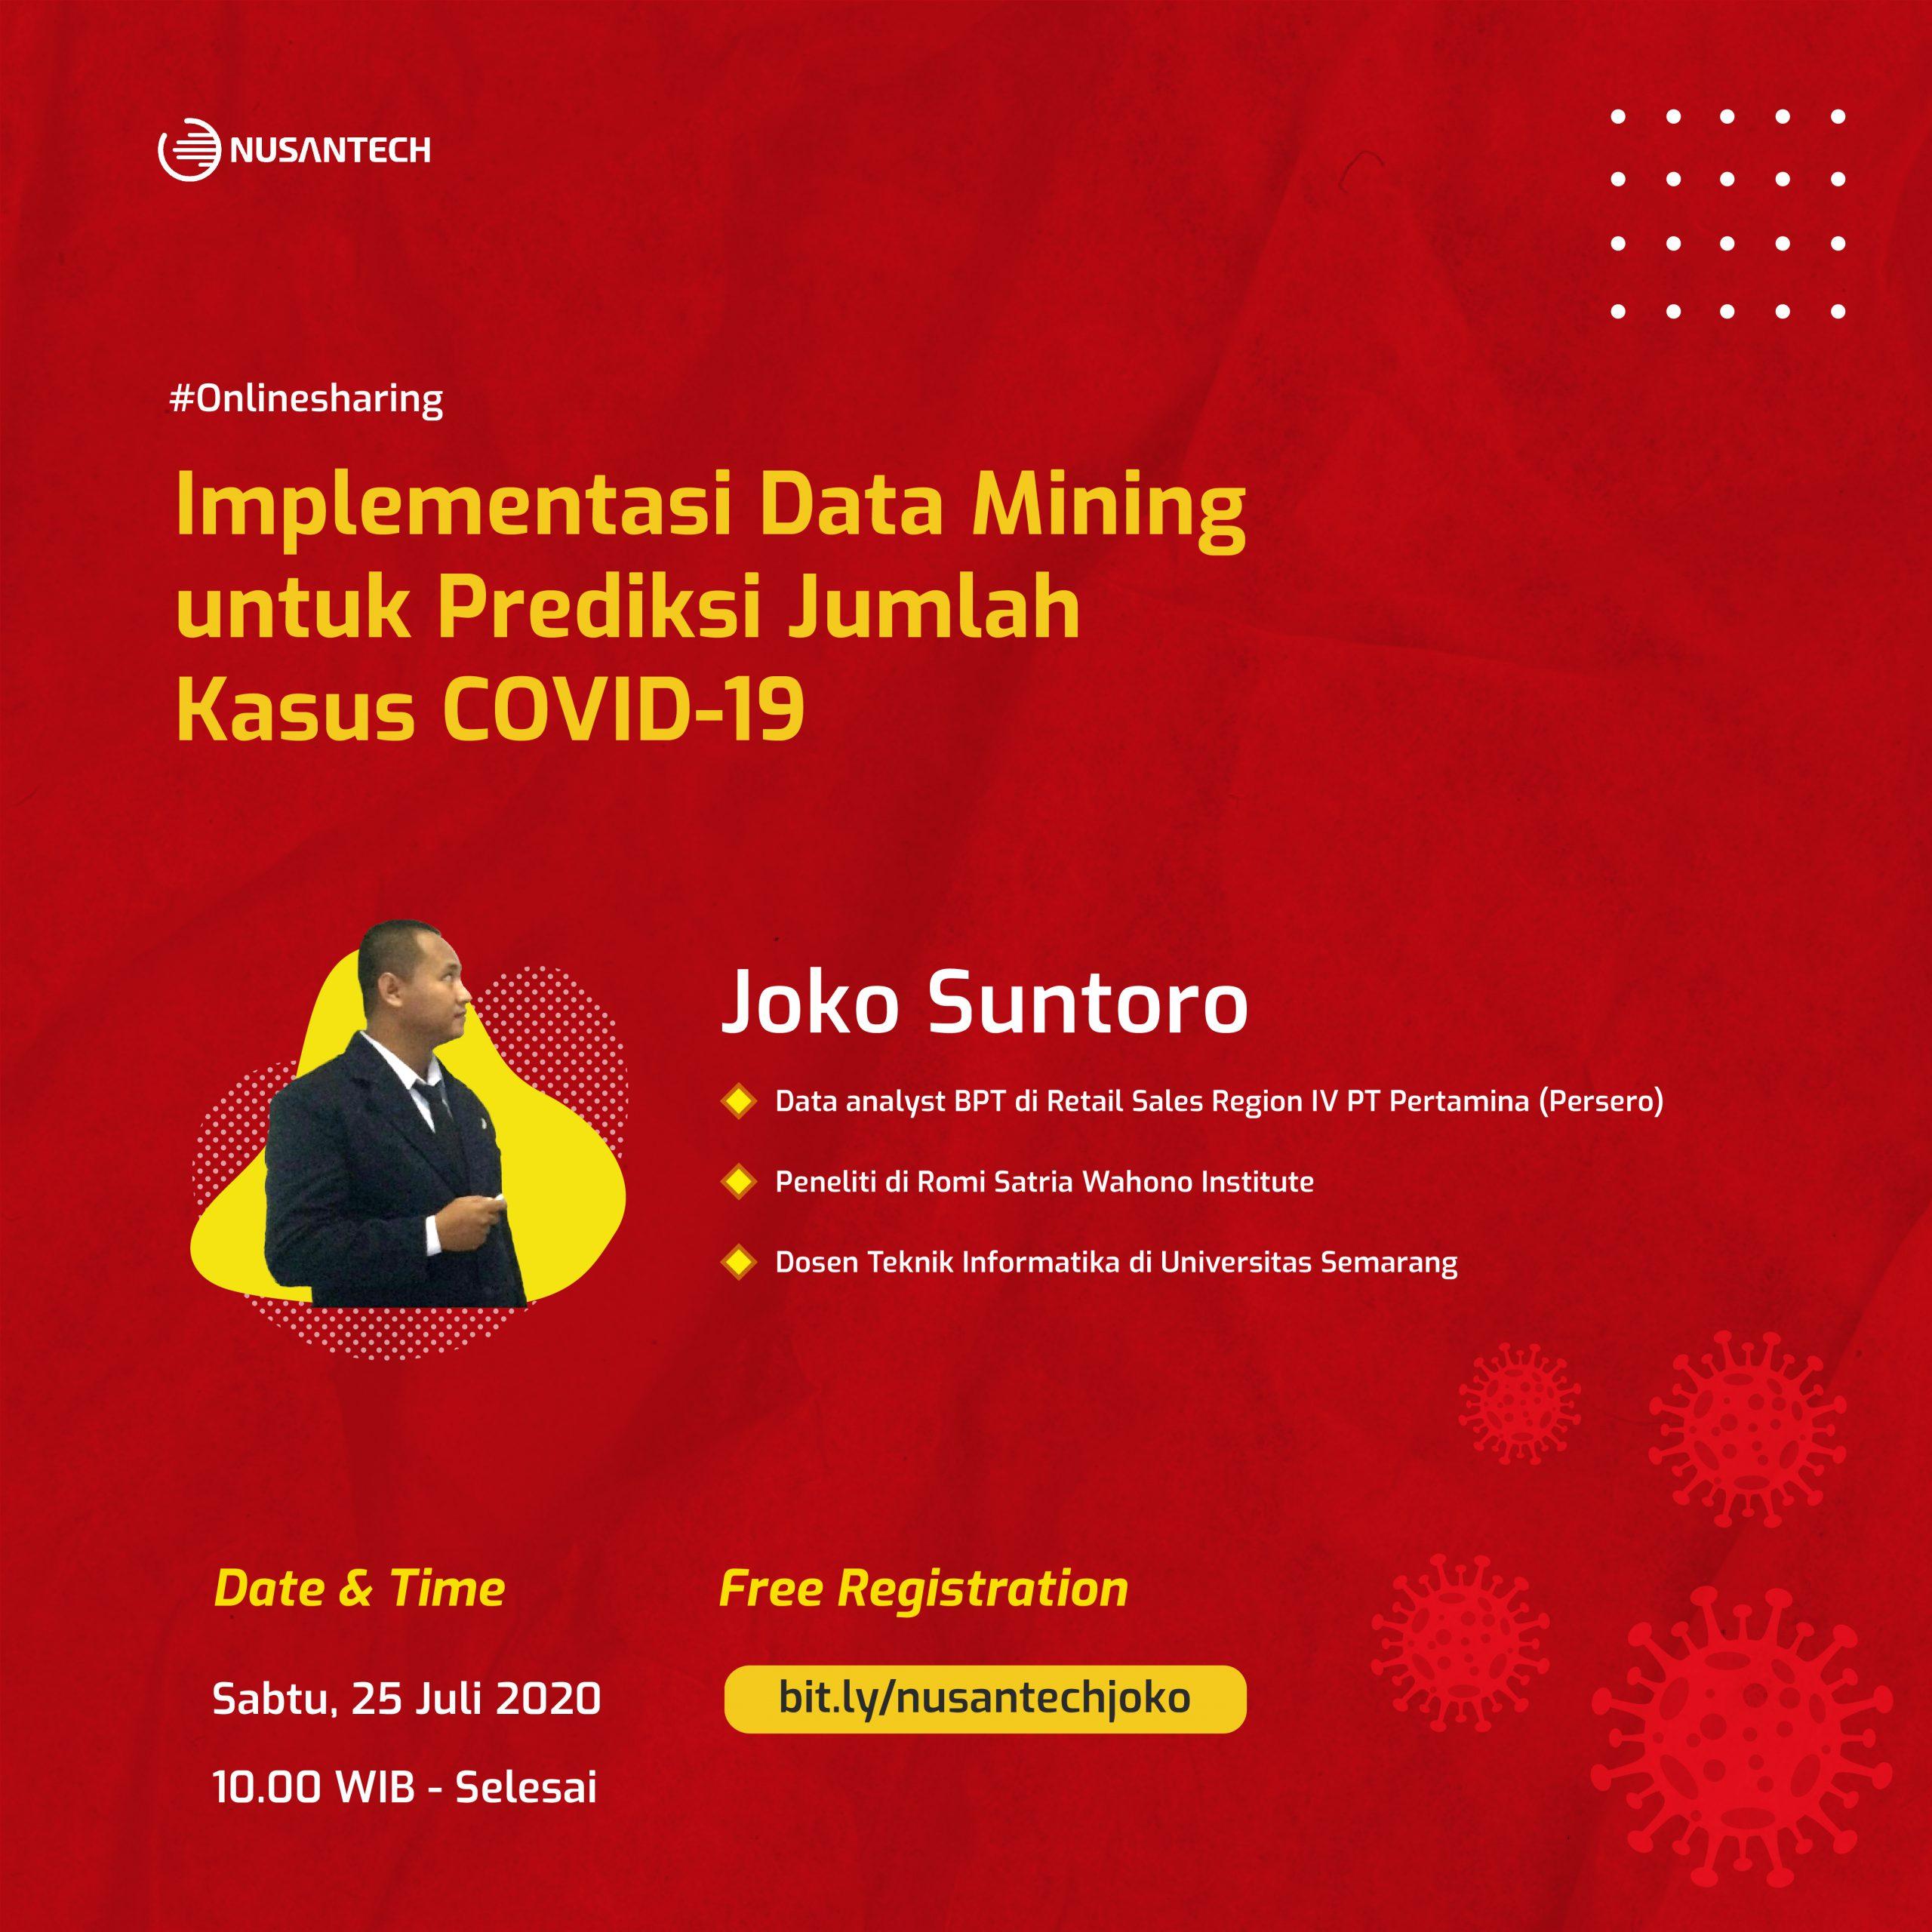 Implementasi Data Mining untuk Prediksi Jumlah Kasus COVID-19